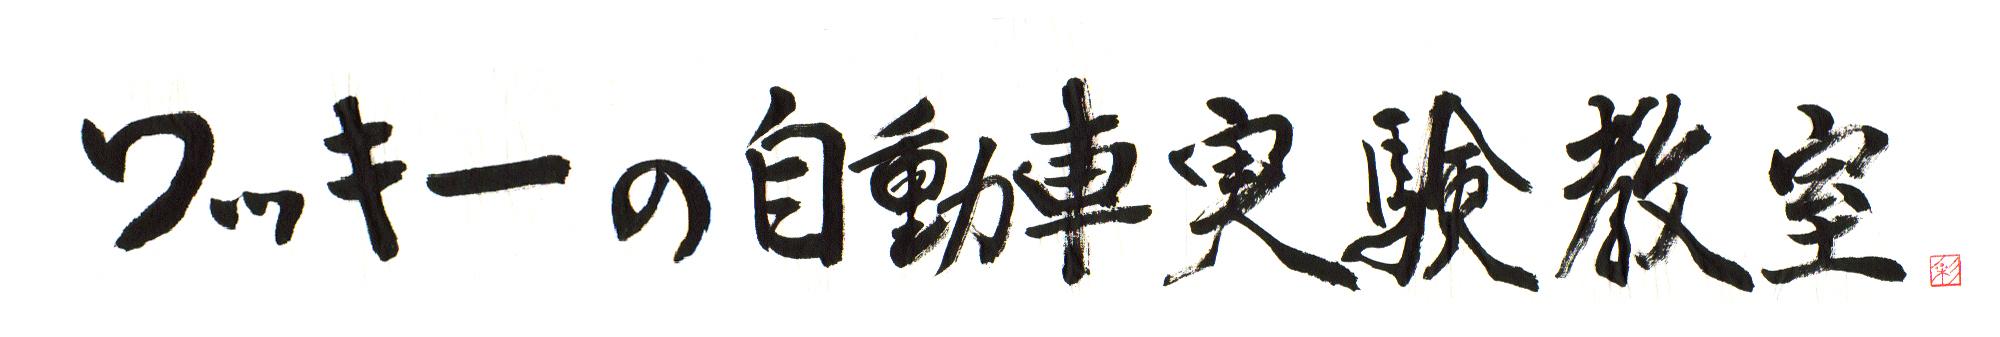 ・アーシングとは?(2019.01.29更新)_f0032891_18560088.jpg